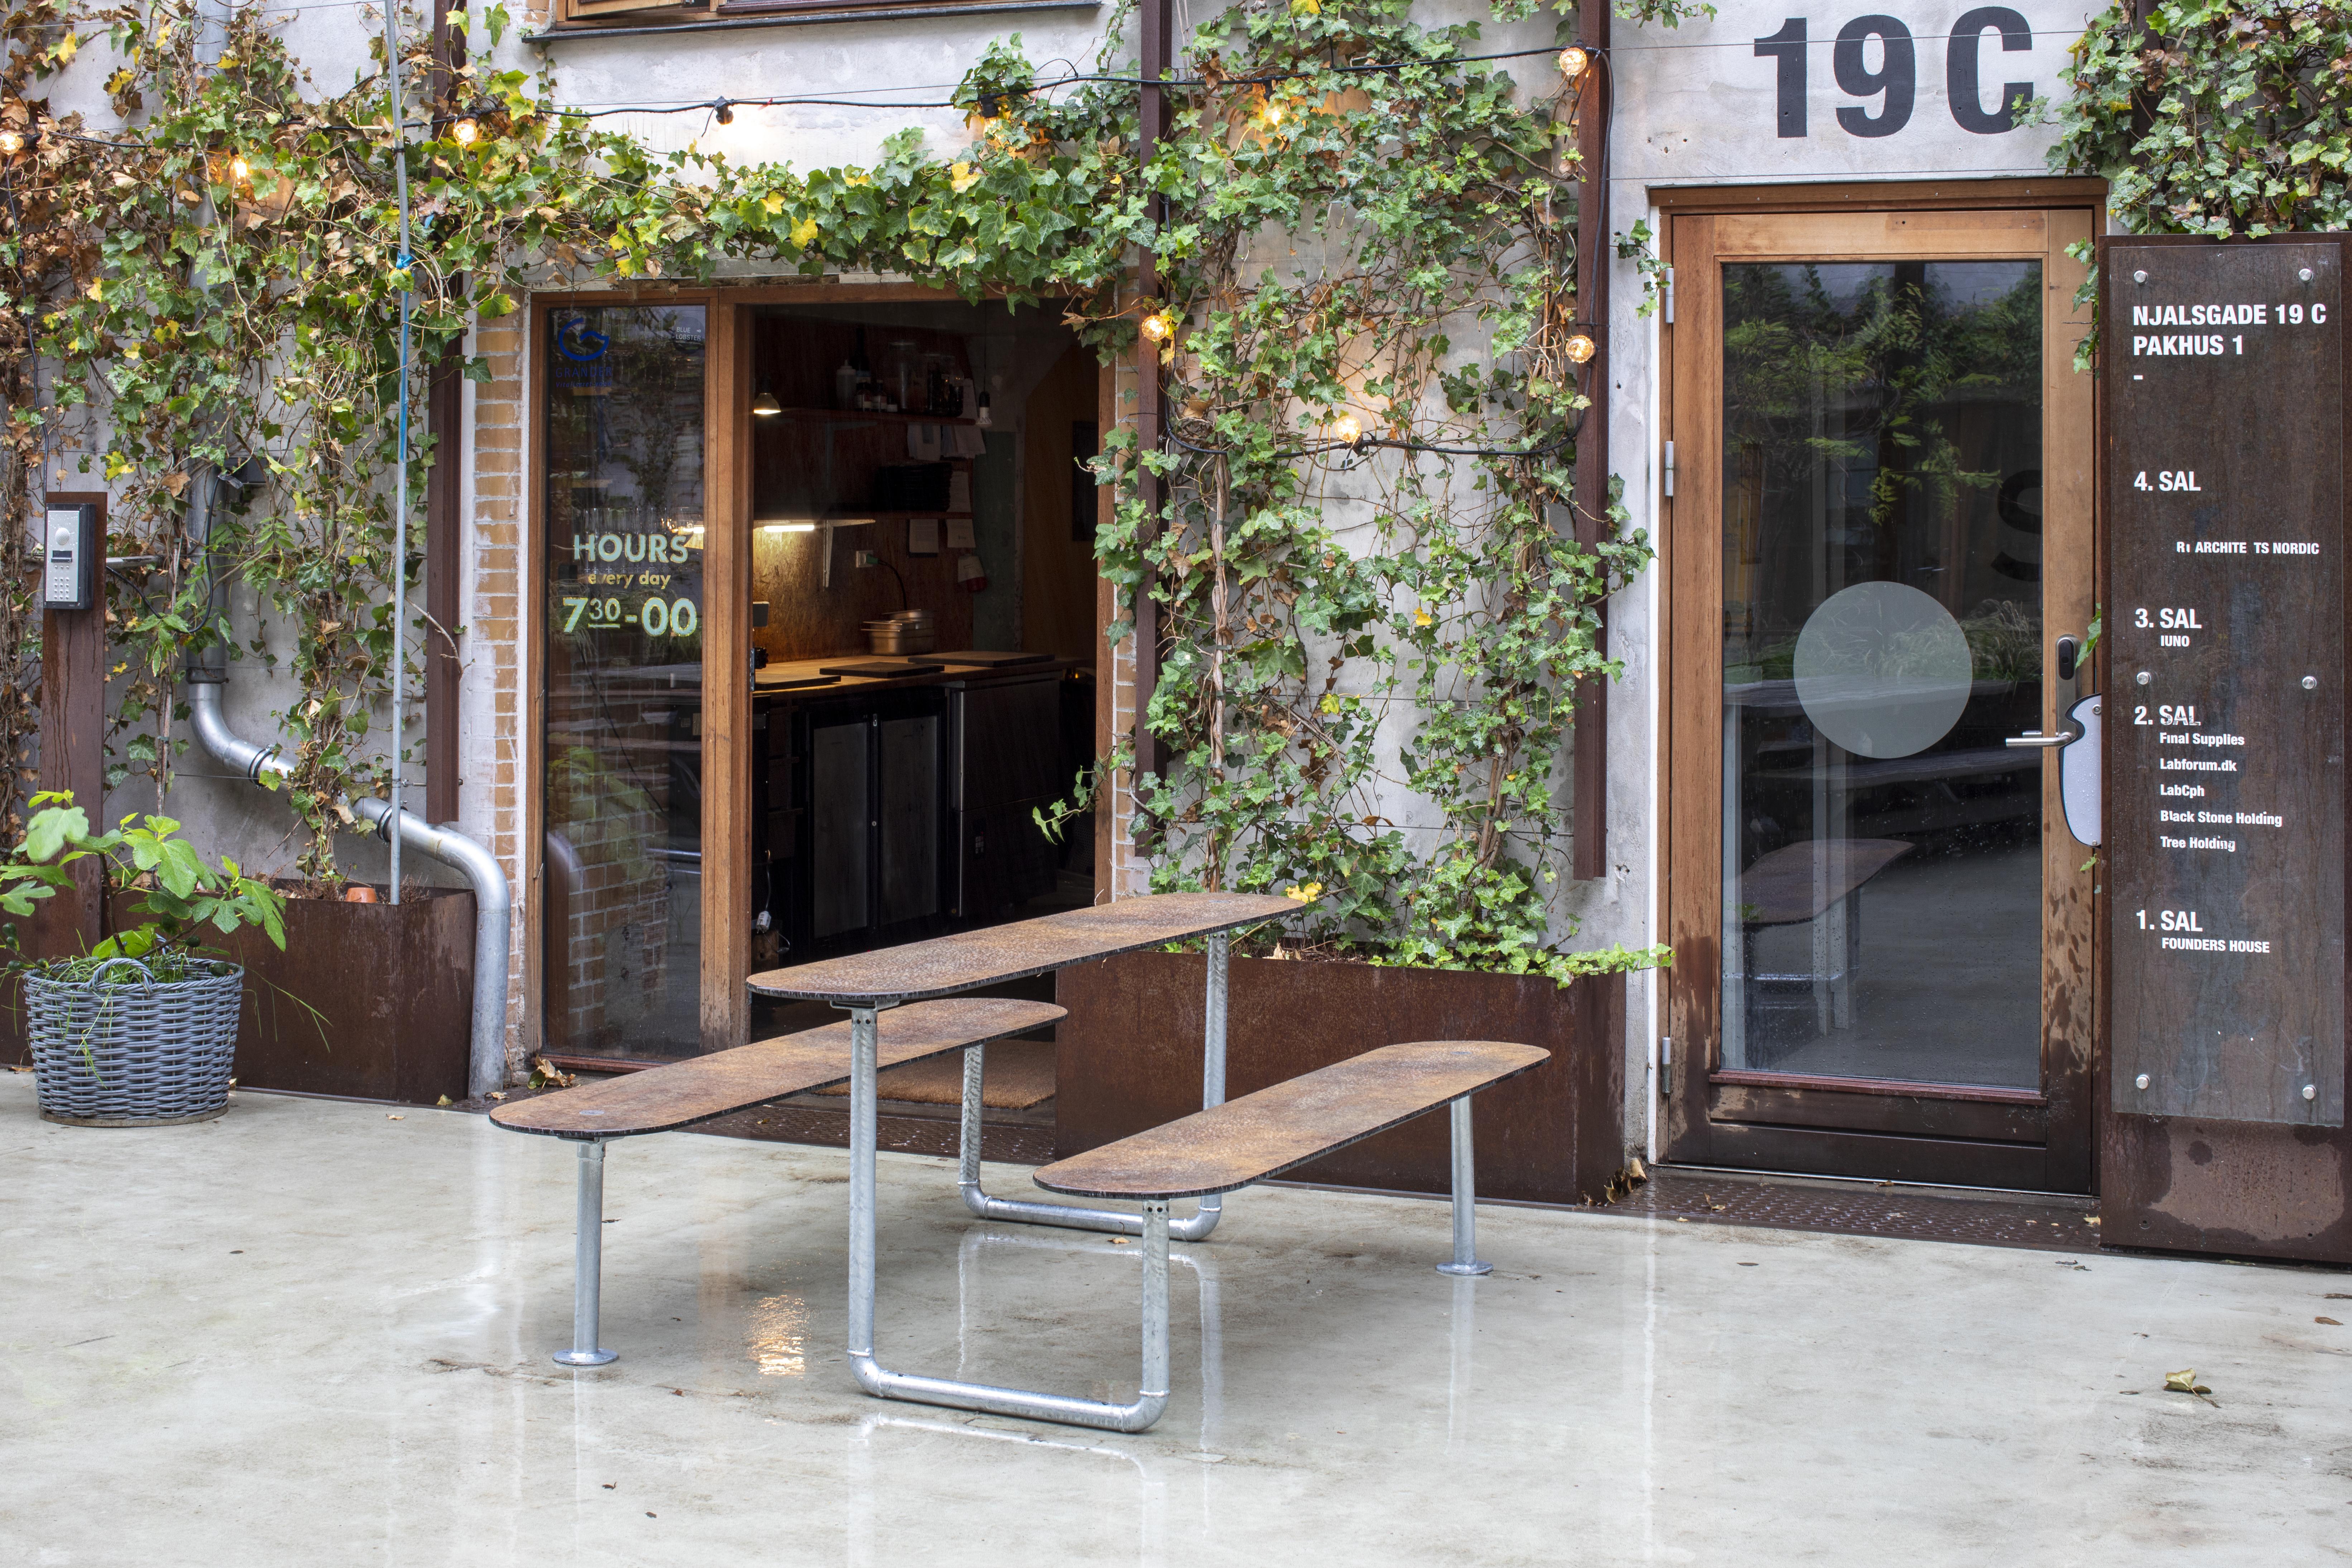 Picknicktafel Street gemaakt van HPL en thermisch verzinkt staal